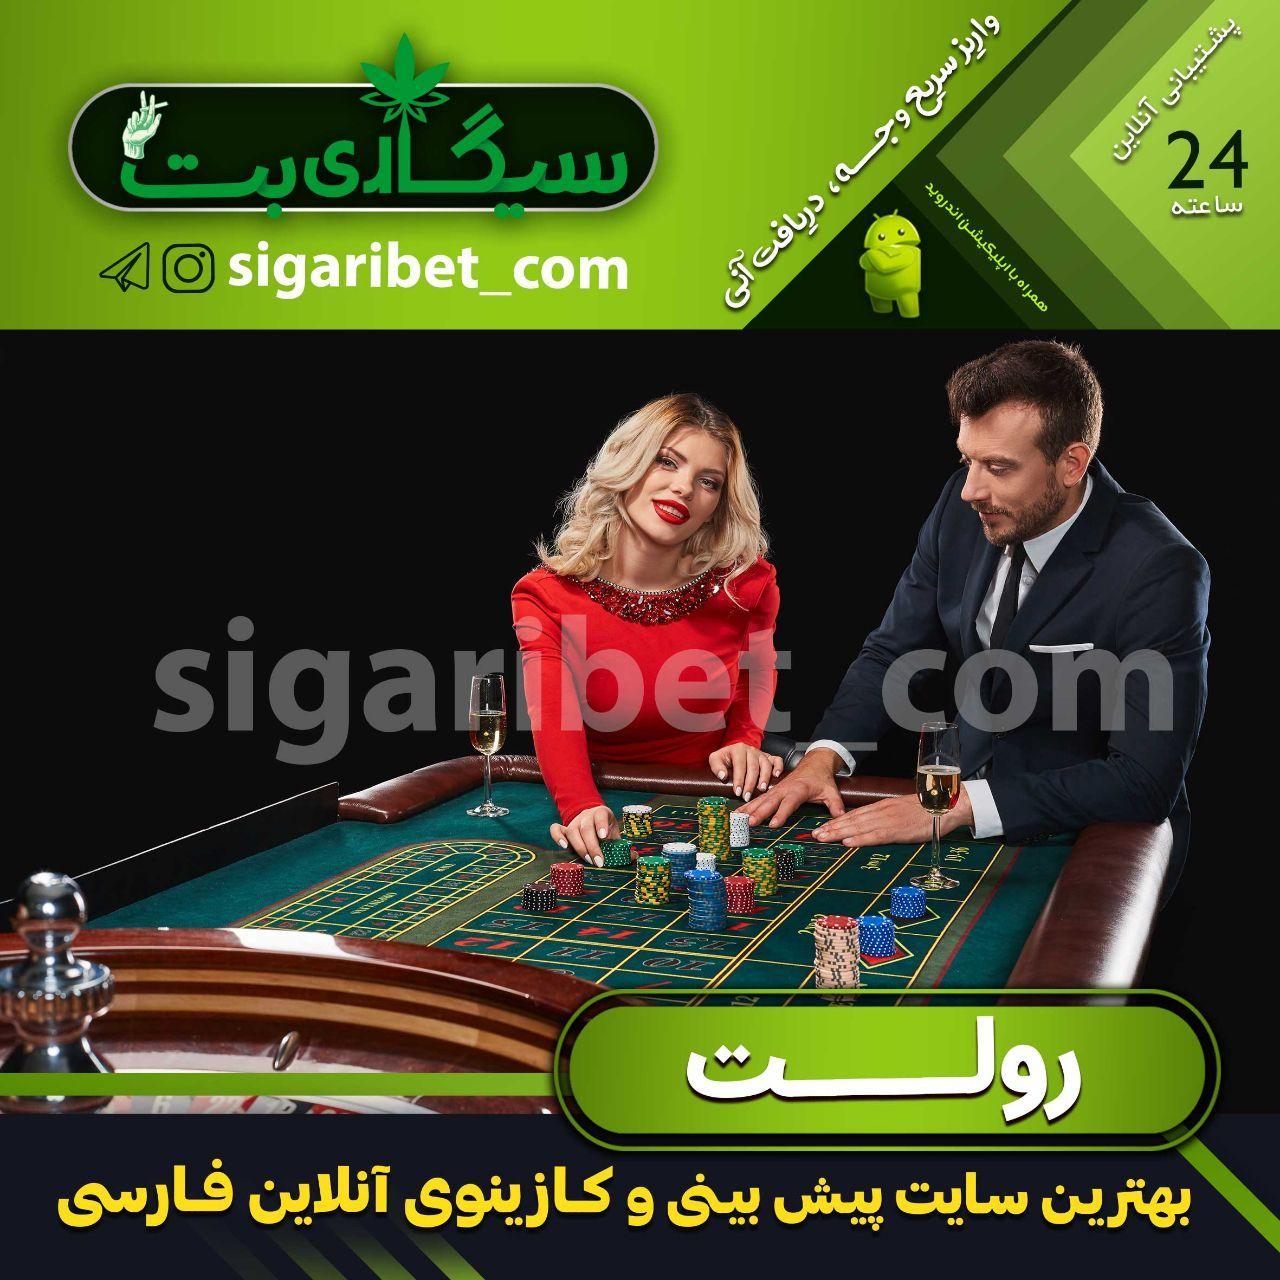 سایت شرط بندی سیگاری بت - sigaribet